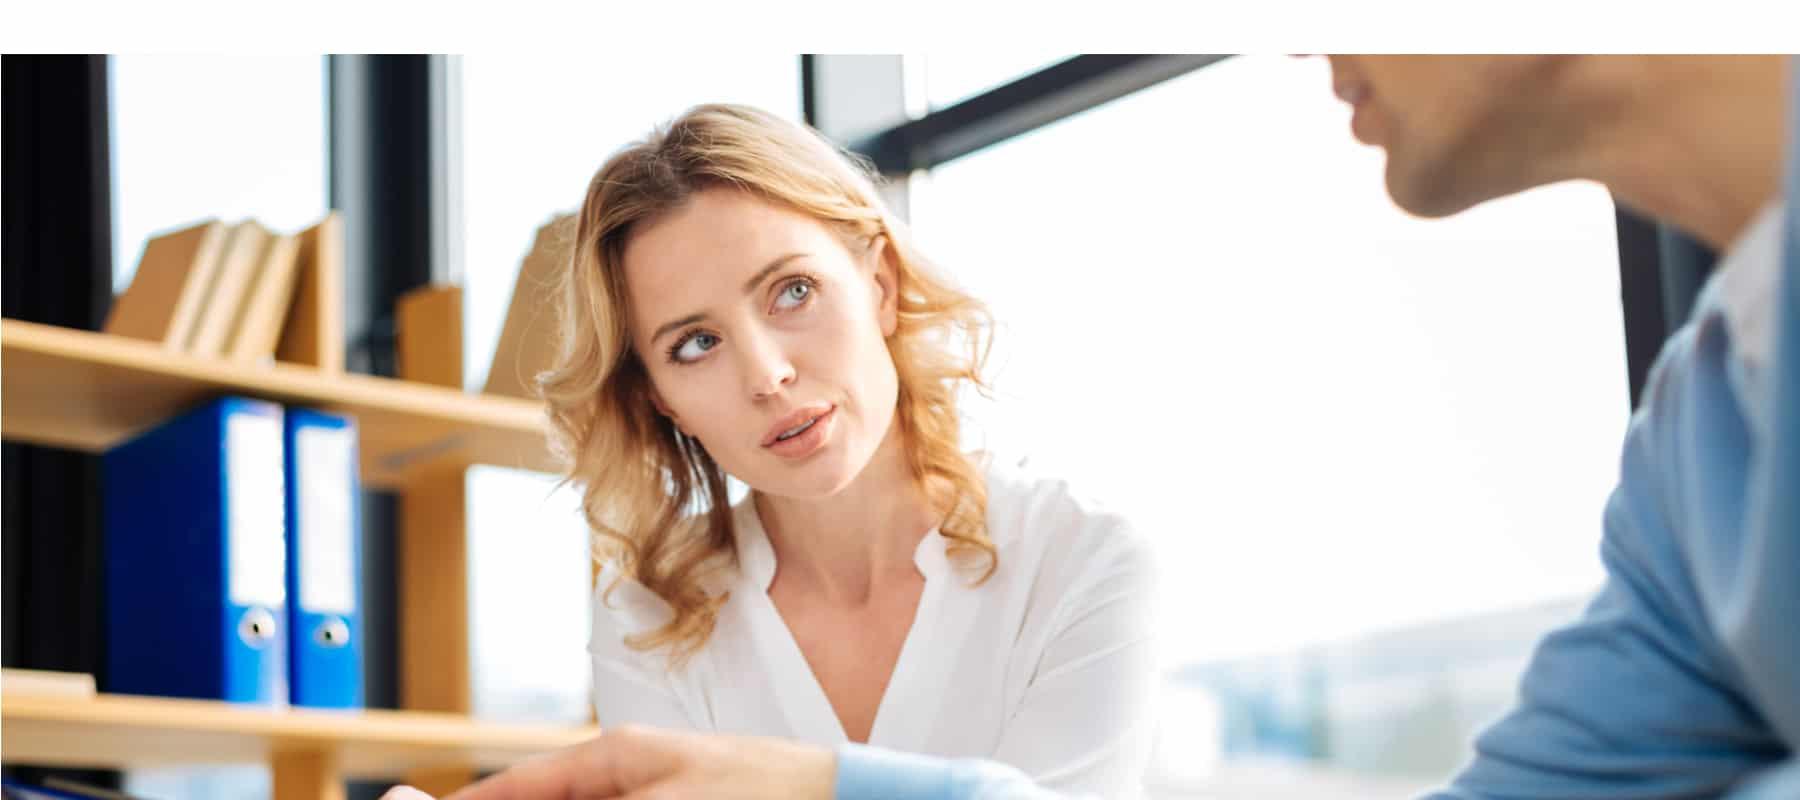 Monovision treatments: LASIK vs contact lenses